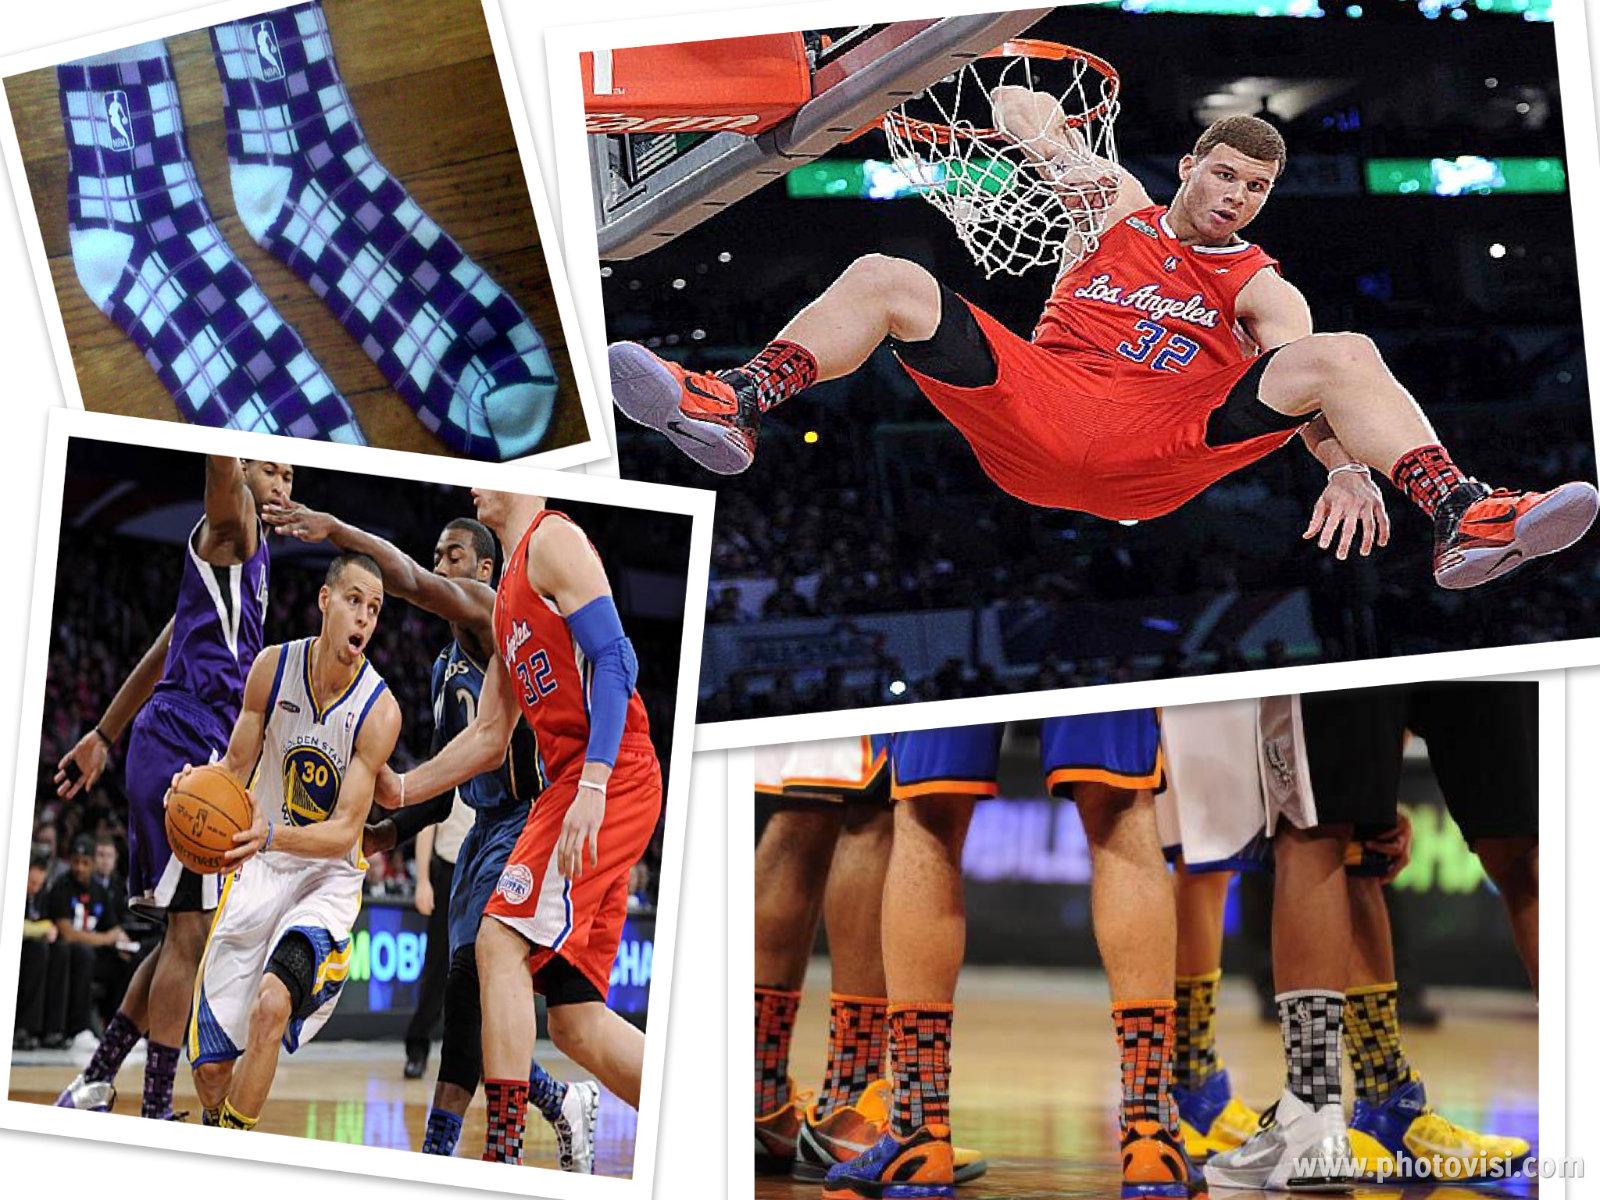 Calcetines a cuadros en la NBA  